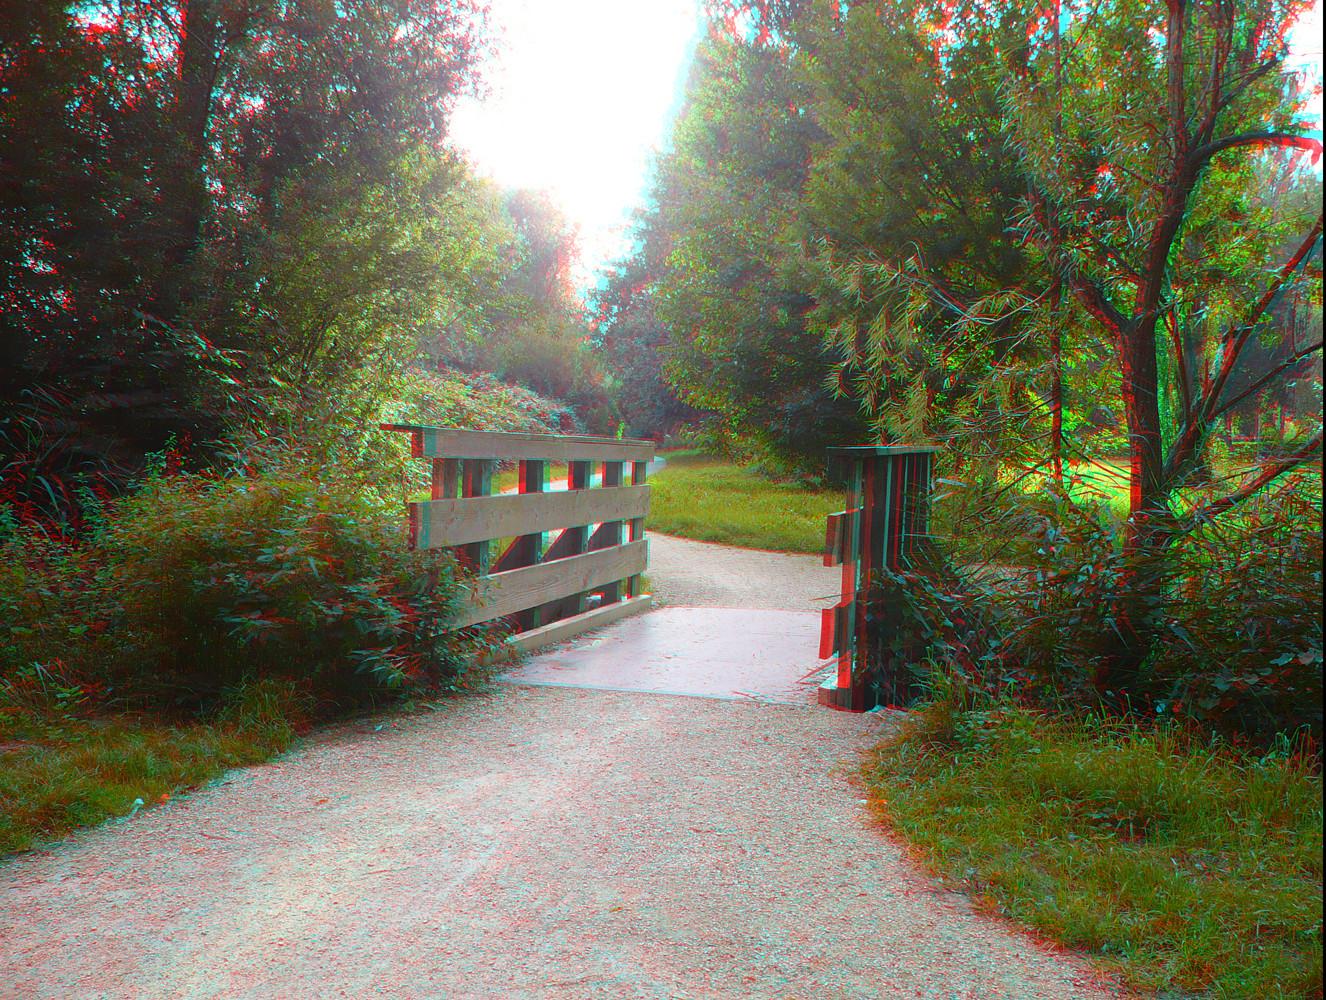 überdiebrücke-indietiefeschauen....  3D-Effekt mit einer Rot-CyanBrille